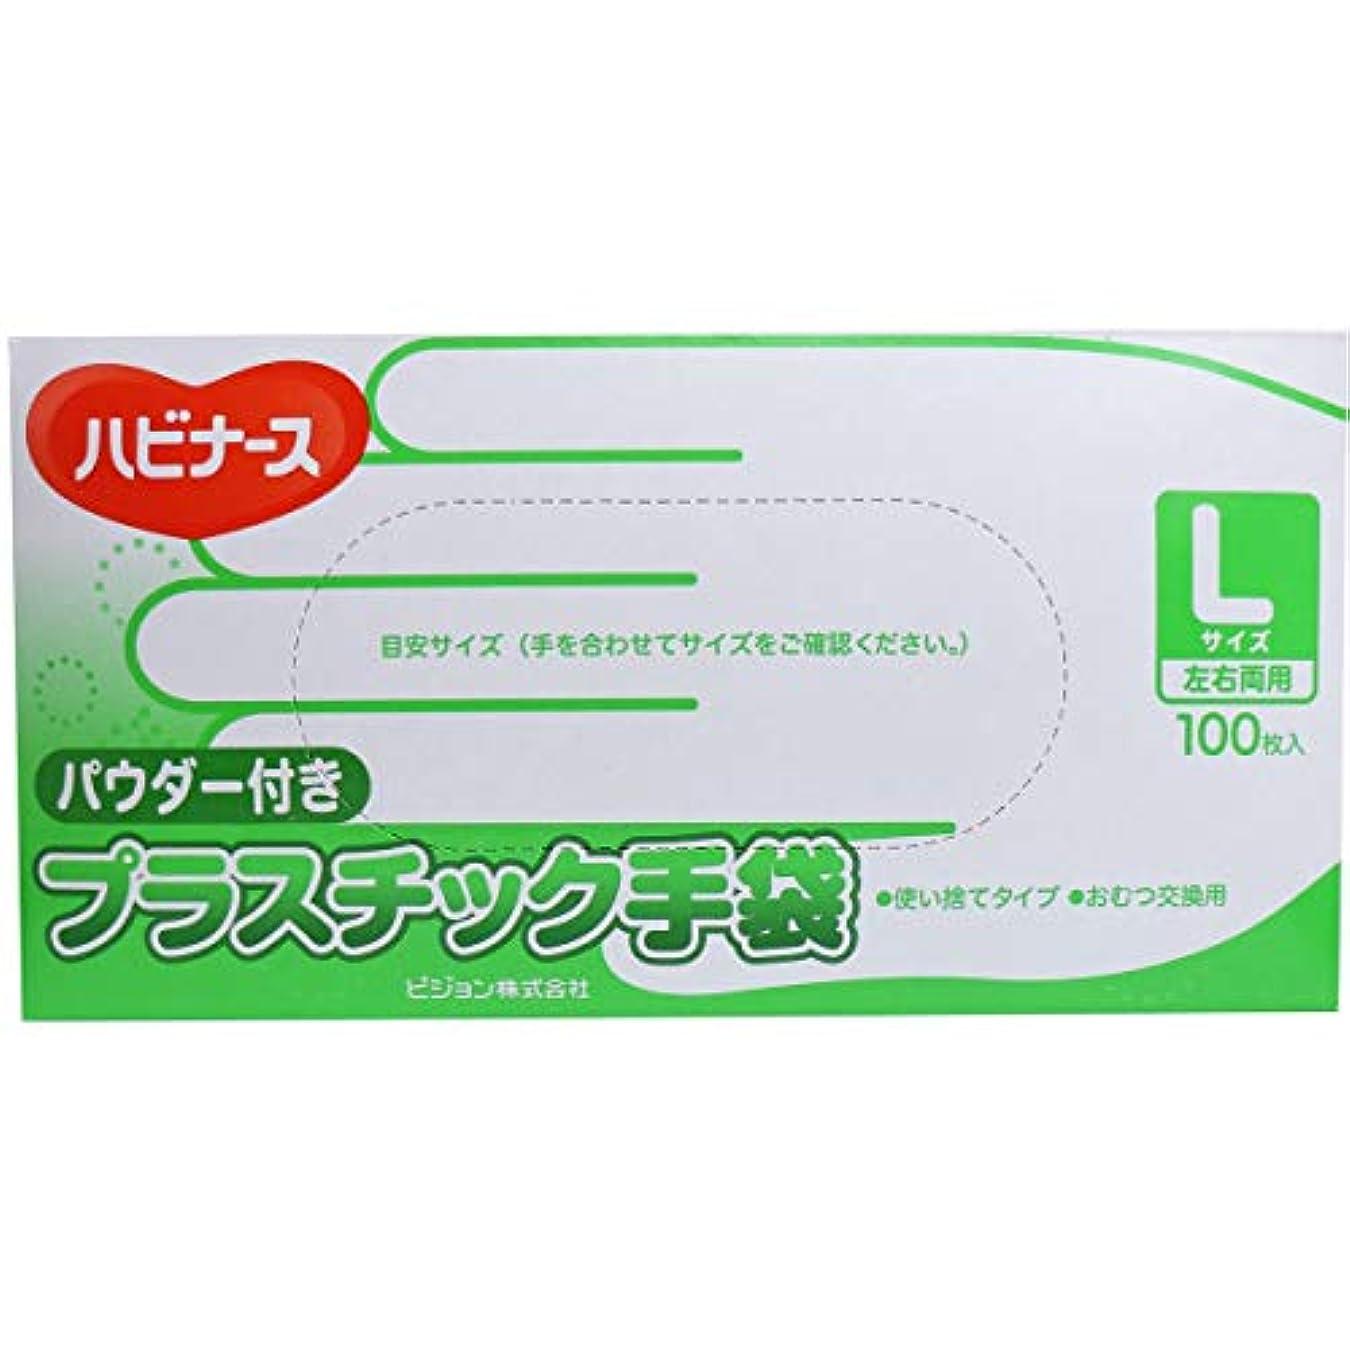 ペック熱意浸すハビナース プラスチック手袋 パウダー付き Lサイズ 100枚入(単品)